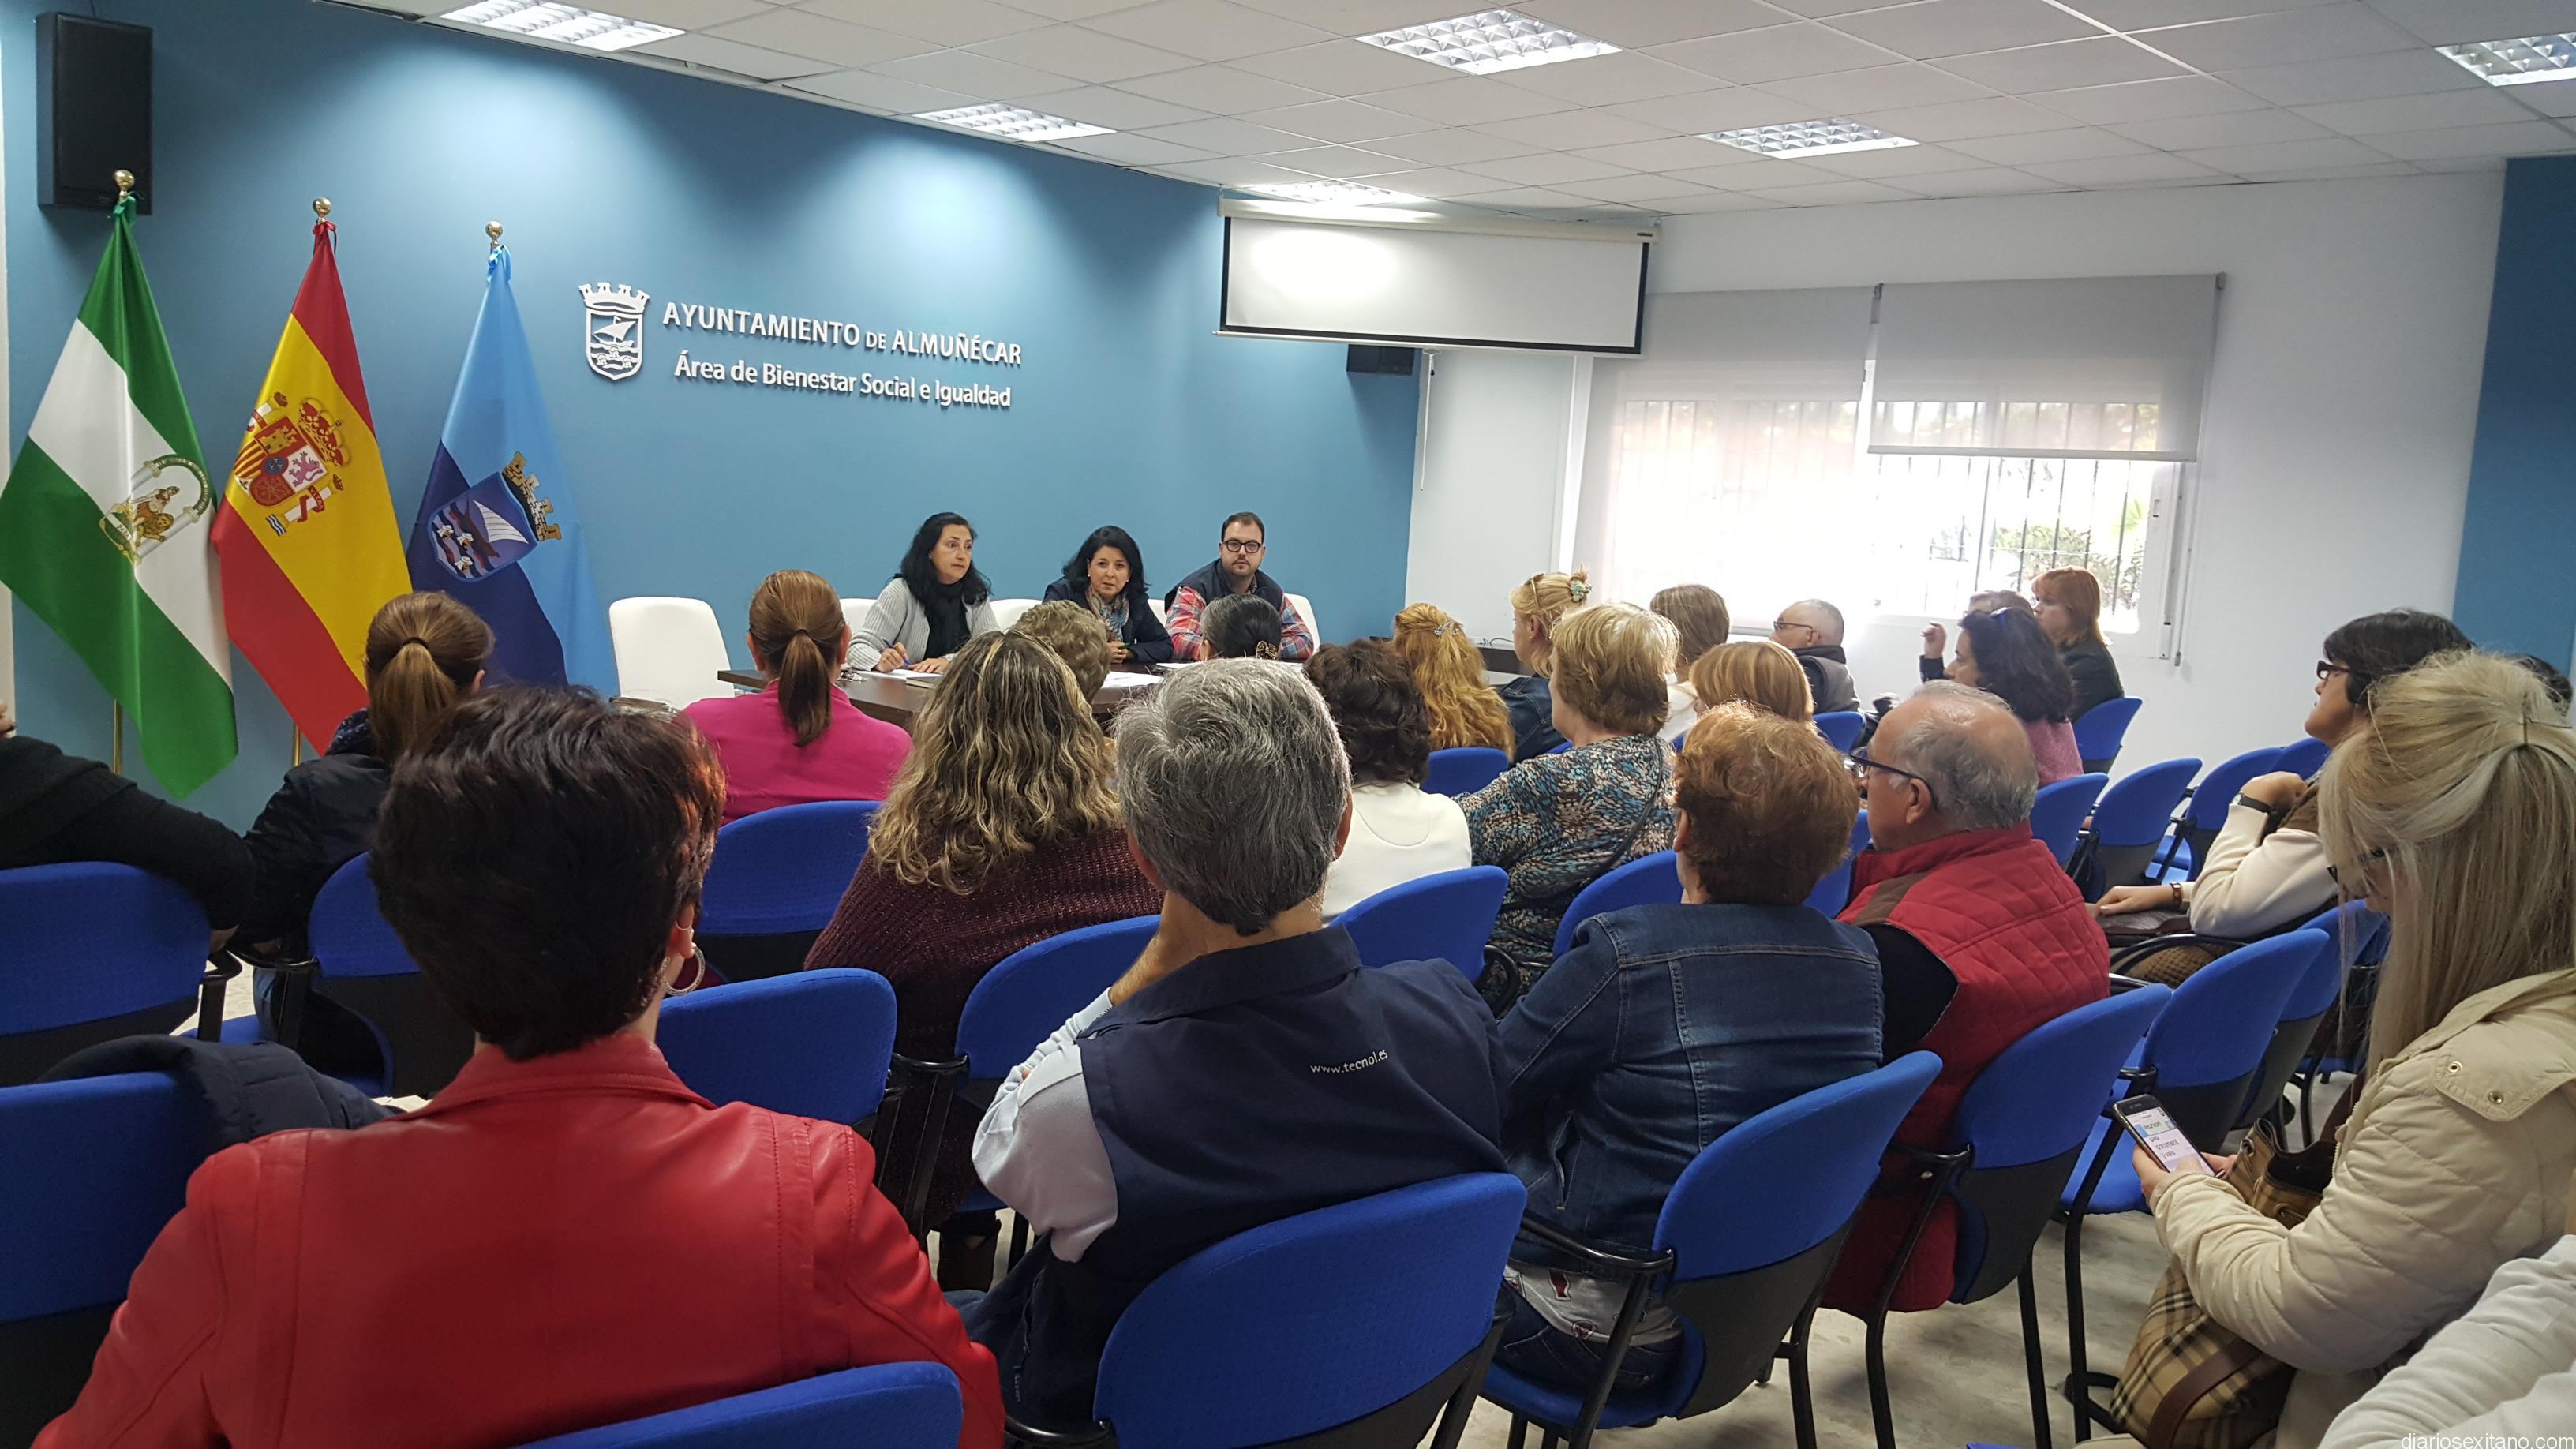 REUNION PREPARATORIA PARA ENCUENTRO DE ASOCIACIONES ALMUÑECAR 16